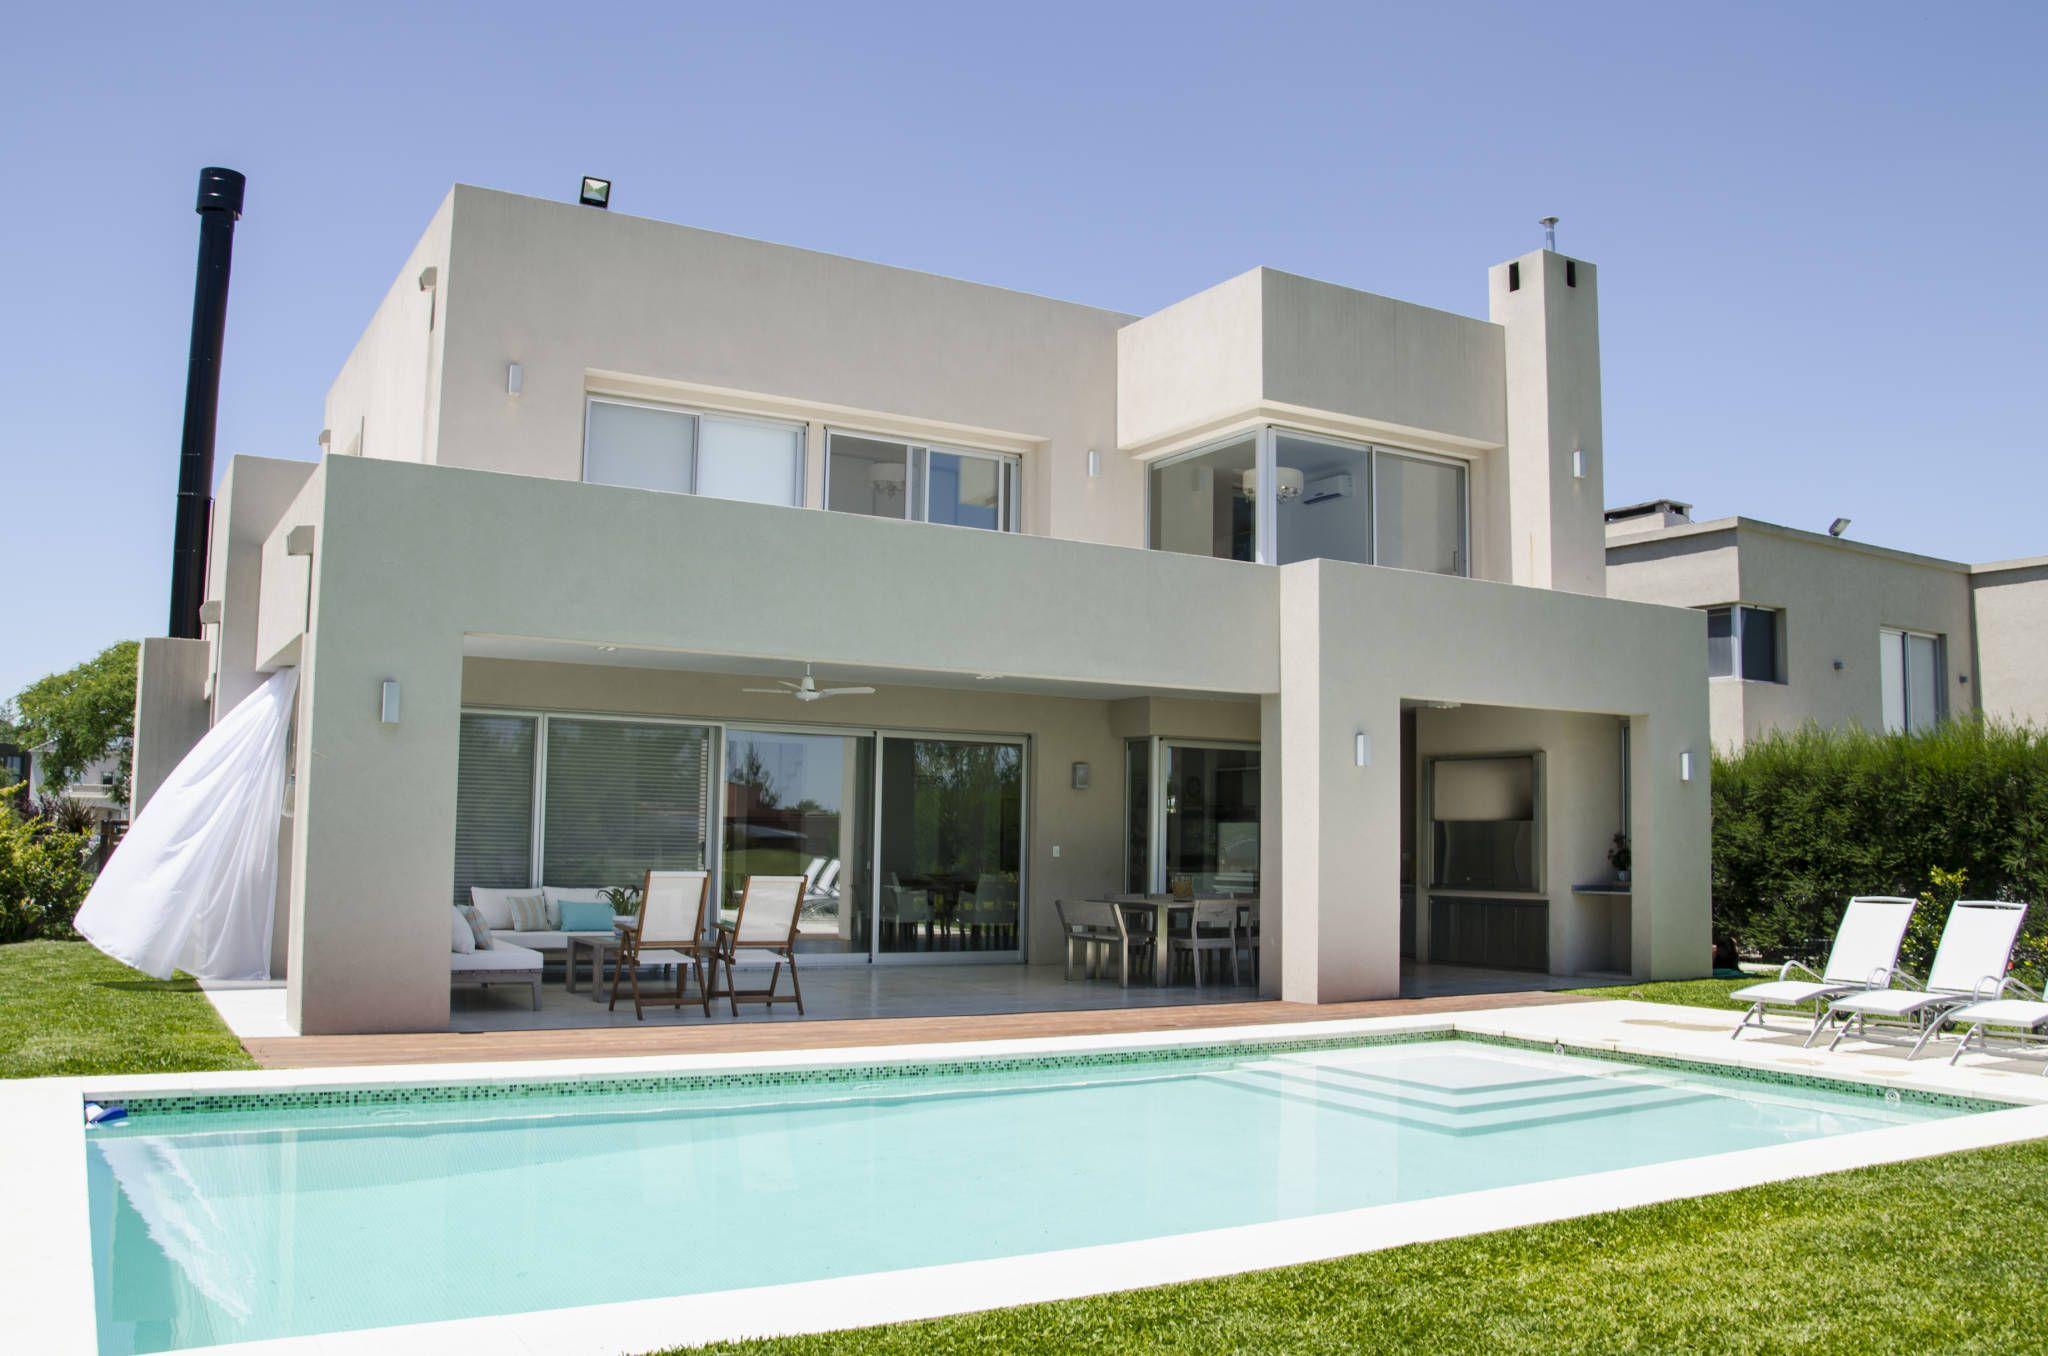 Fachada contrafrente casas de estilo por parrado for Fachadas de casas modernas con alberca